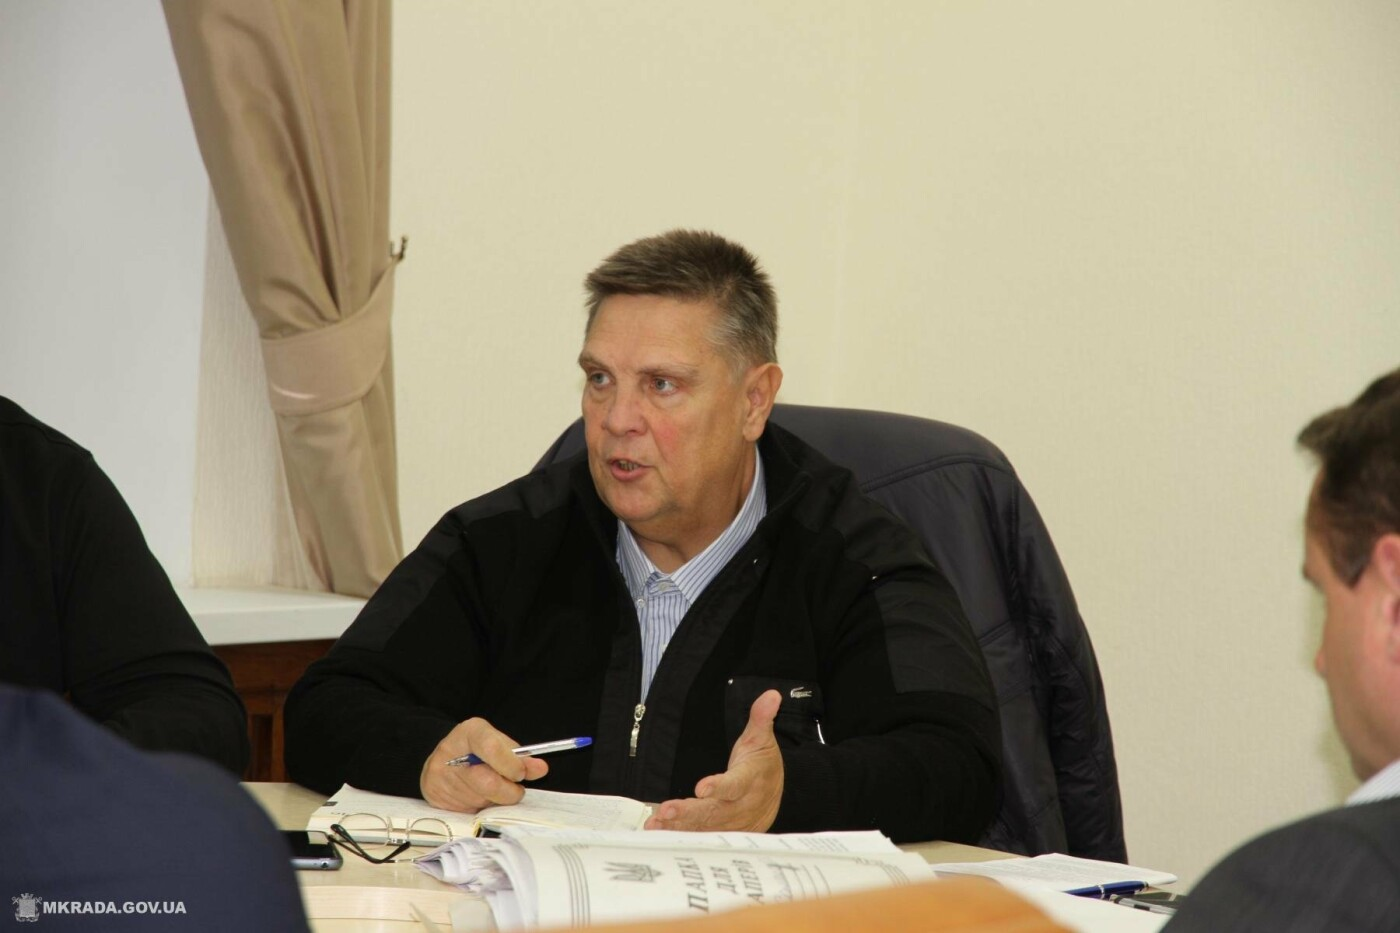 В Николаеве комиссия изучит вопрос установления индивидуальных котельных в многоквартирных домах , фото-1